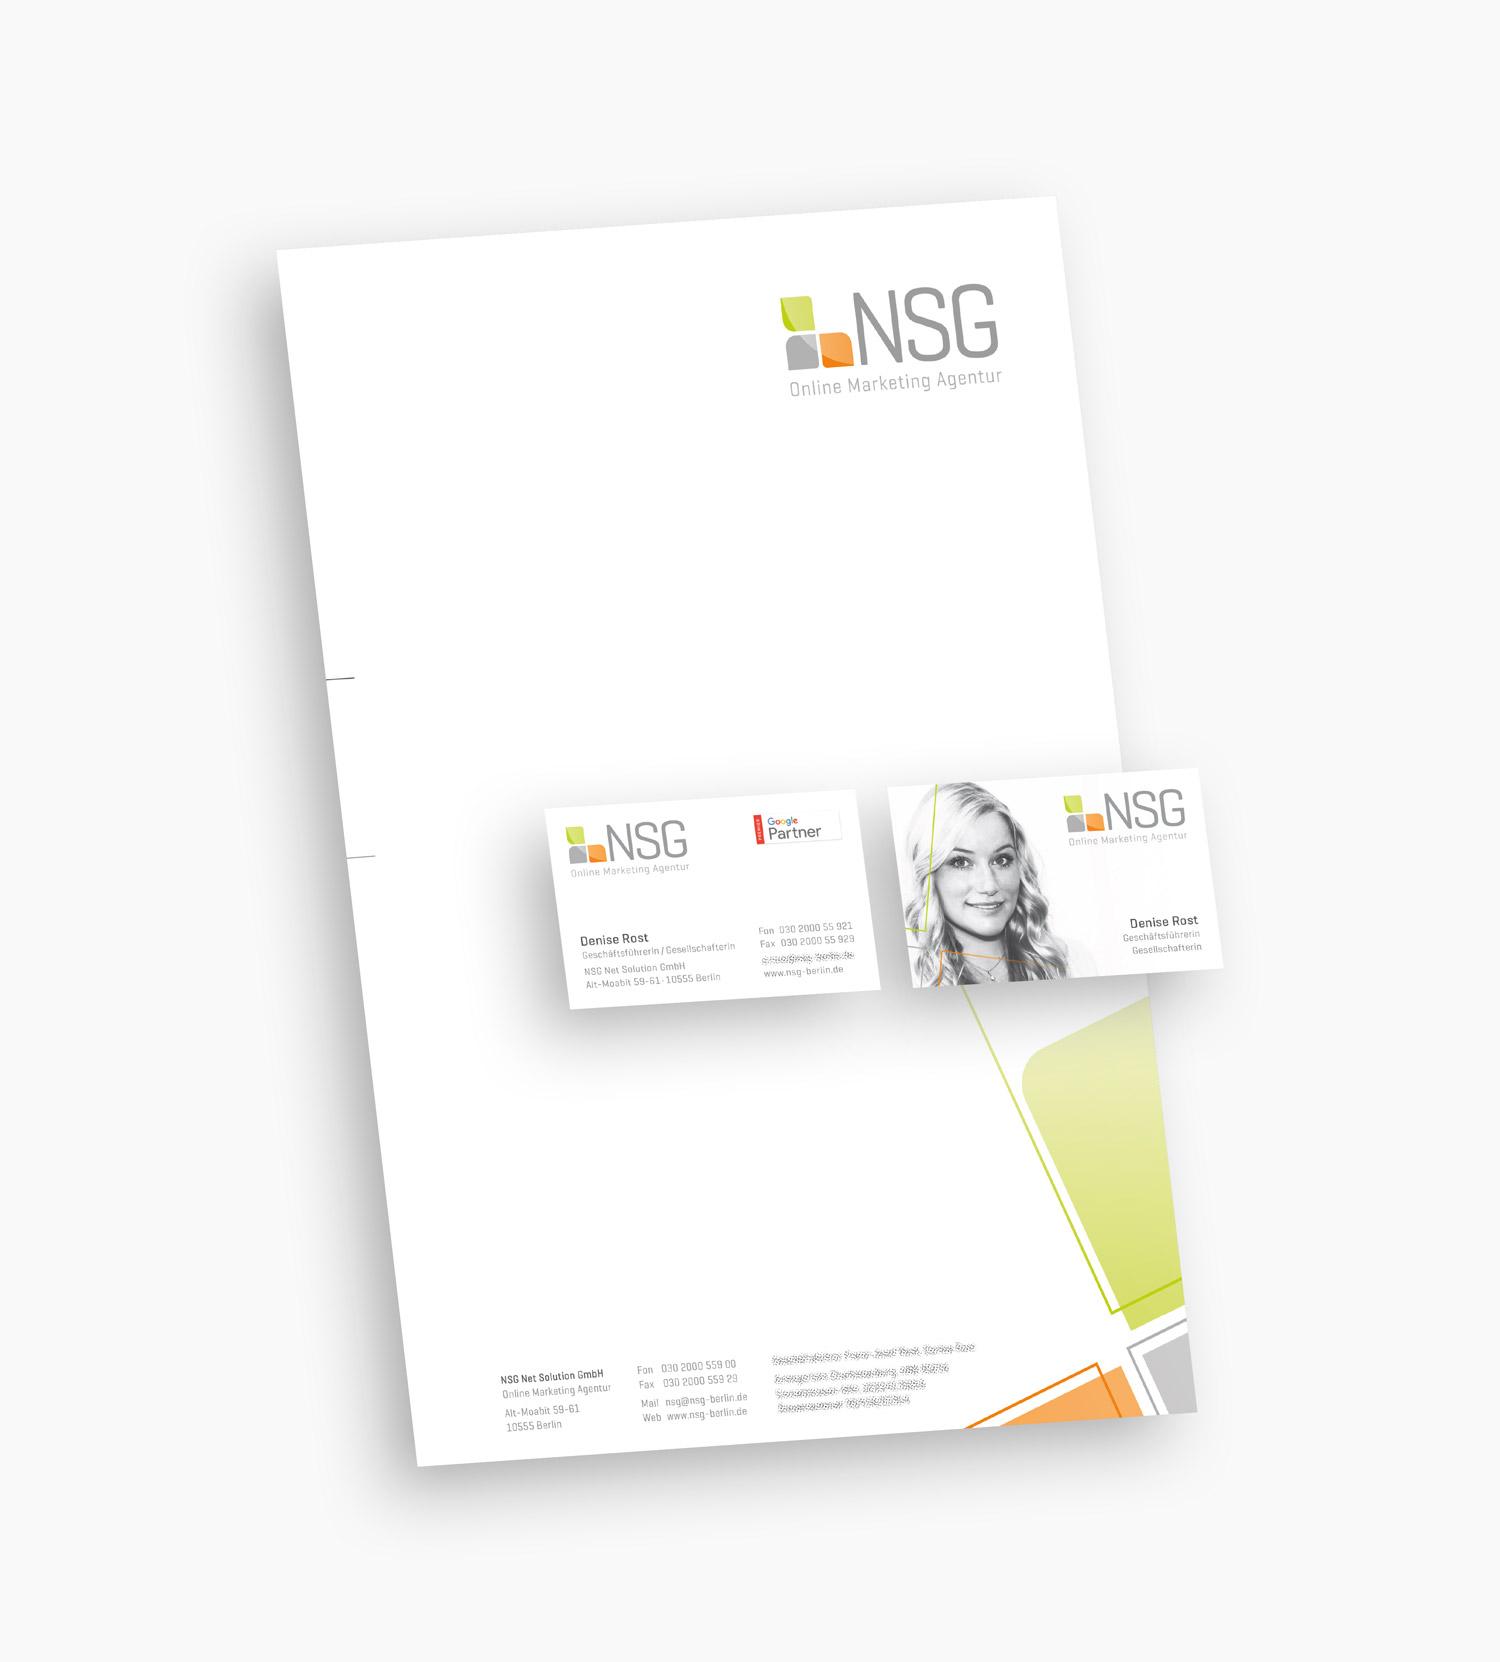 Projekt Weiterentwicklung Des Corporate Designs Der Nsg Net